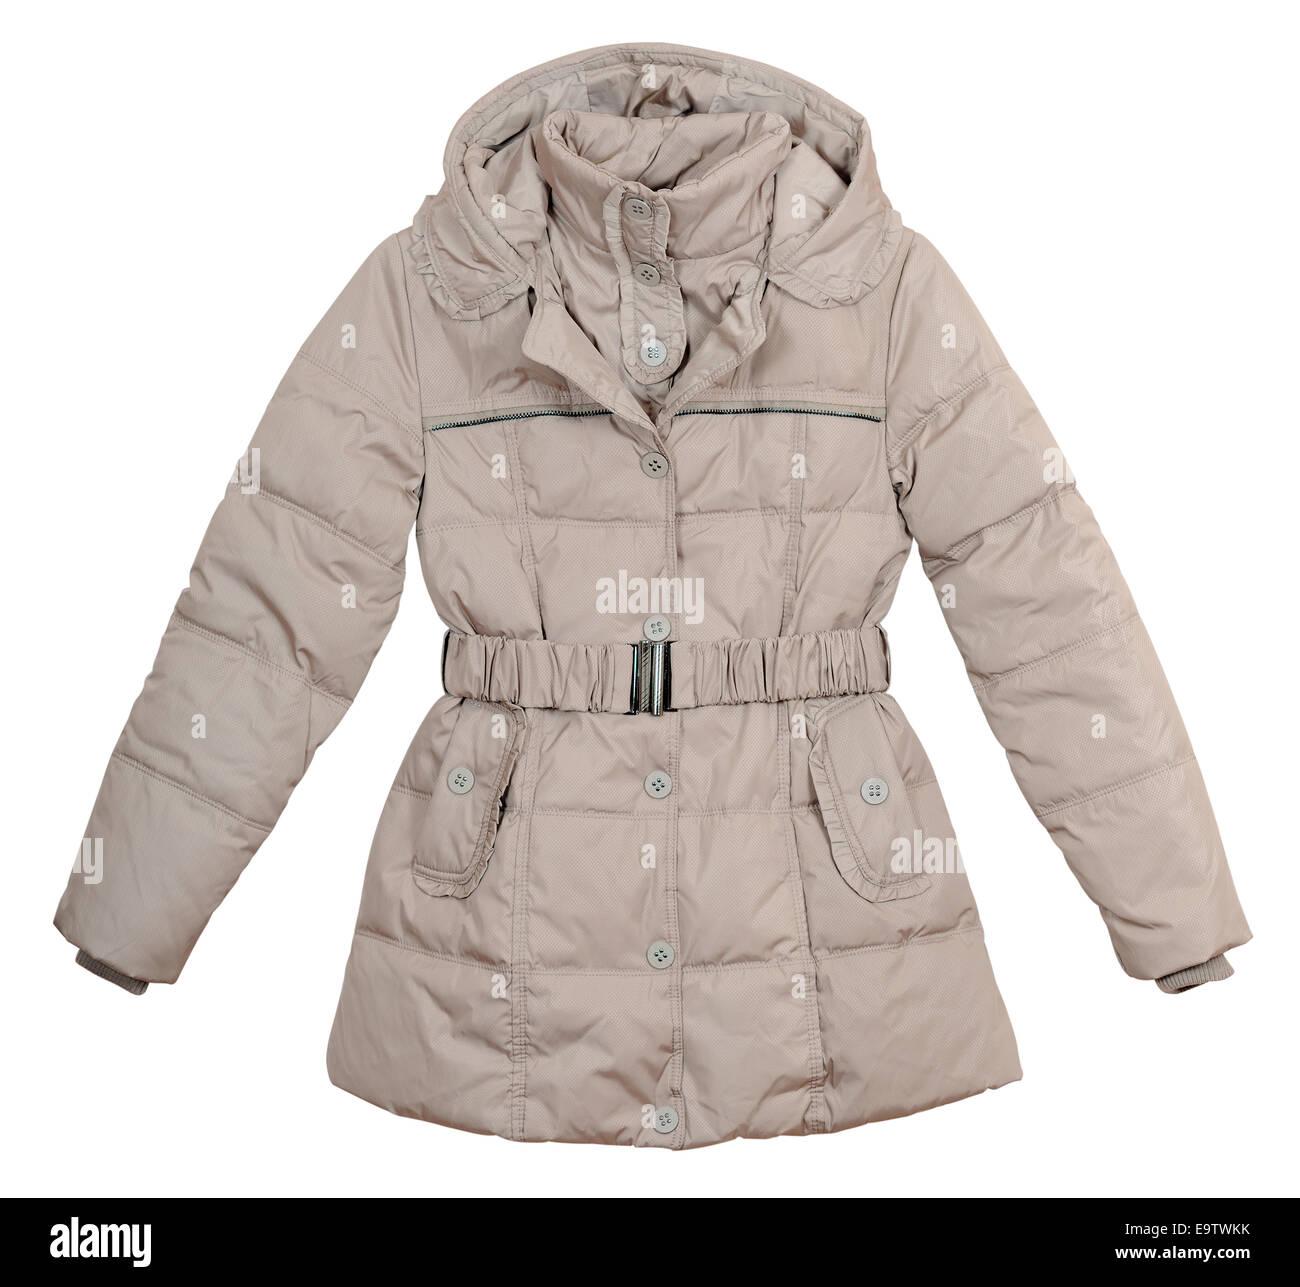 Frauen-leichte Daunenjacke auf weißem Hintergrund Stockbild